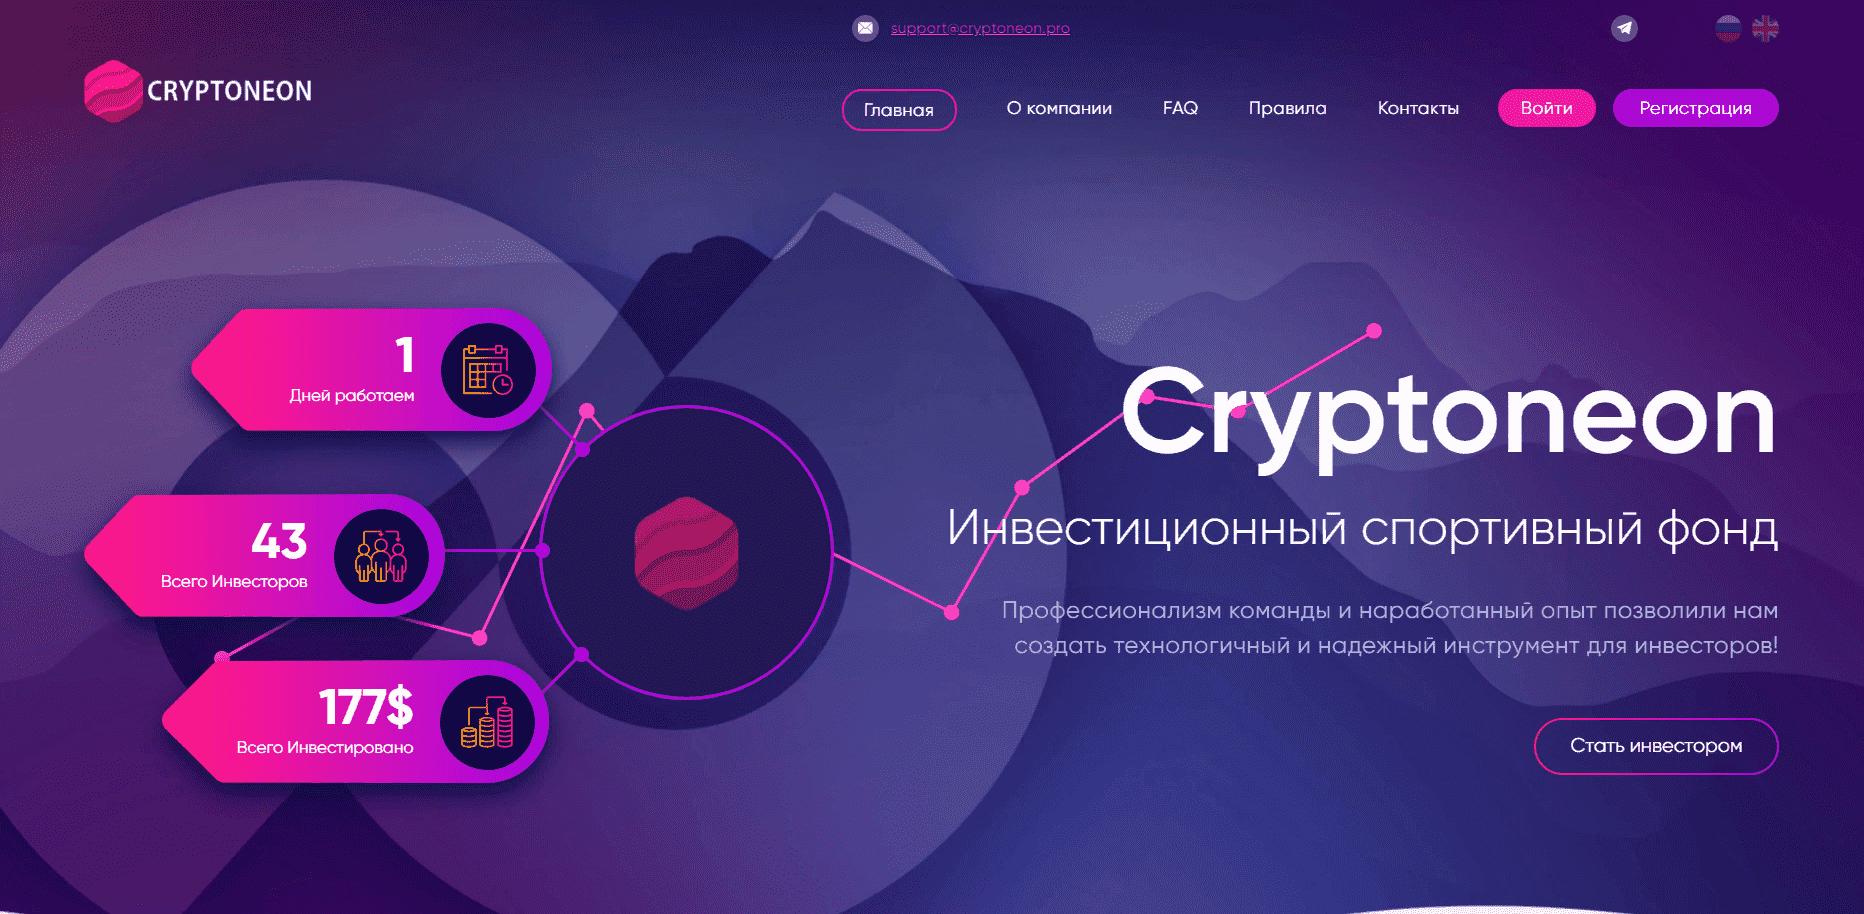 Cryptoneon